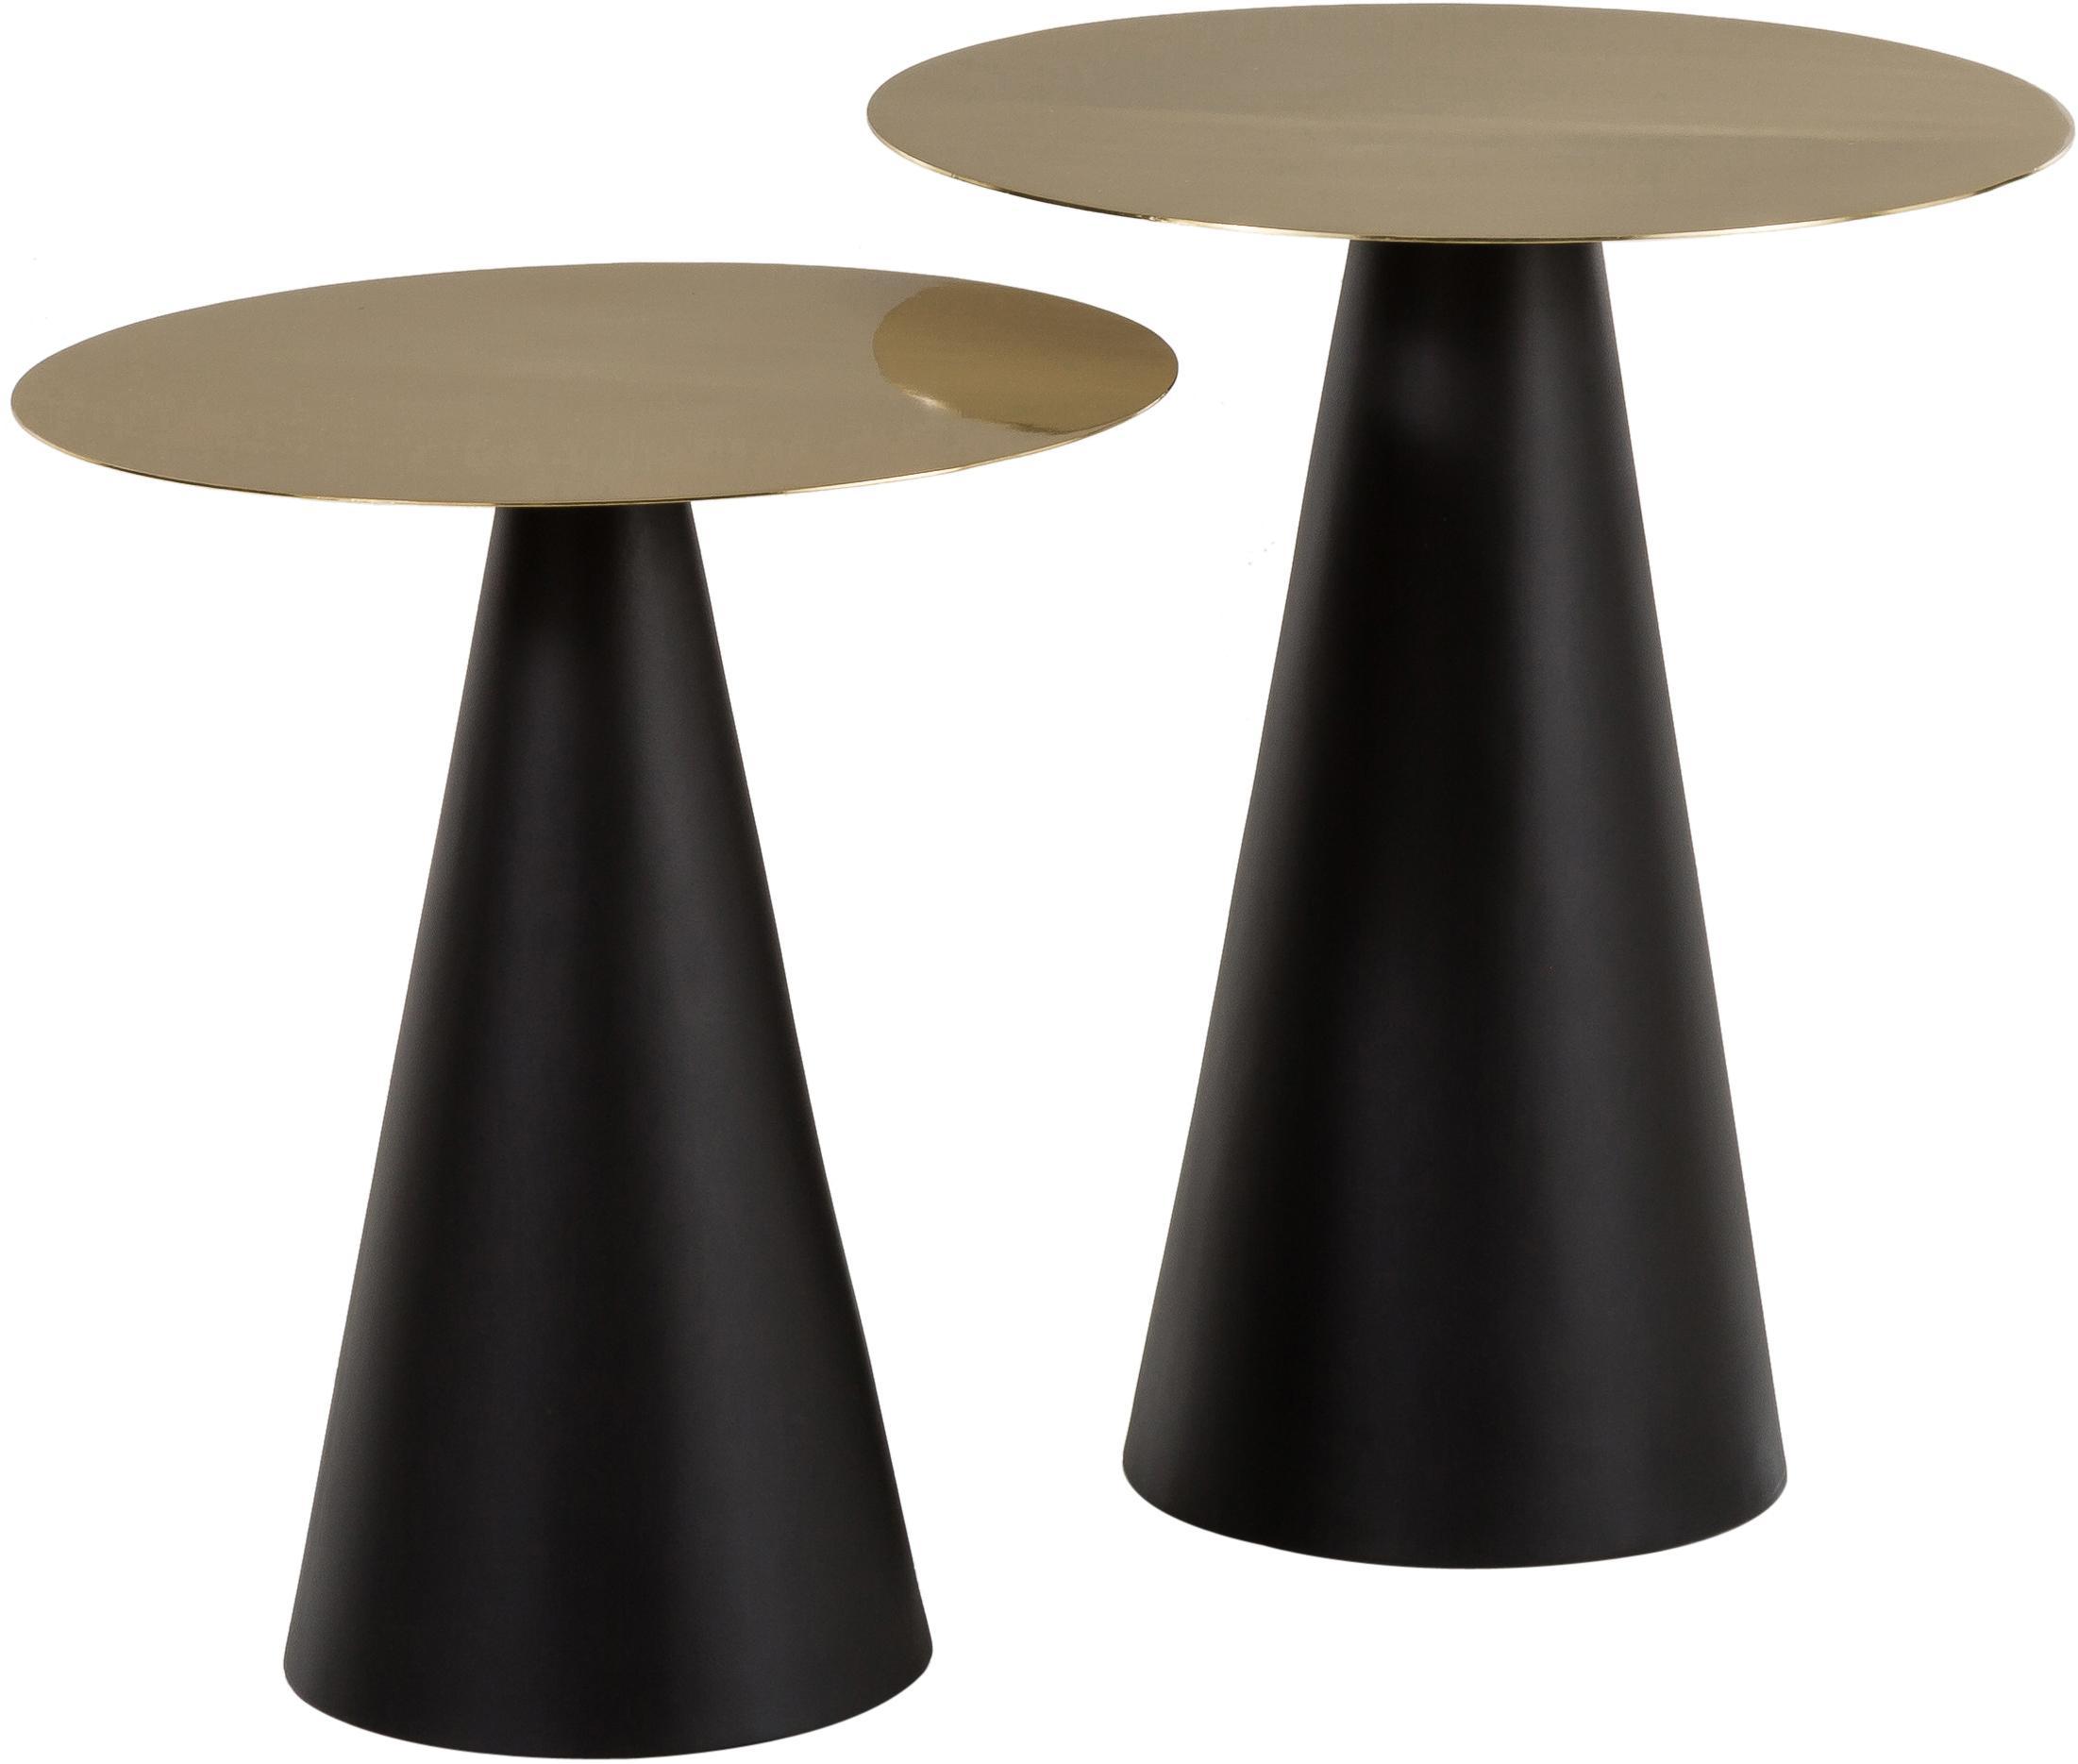 Komplet stolików pomocniczych Zelda, 2 elem., Odcienie złotego, czarny, Różne rozmiary